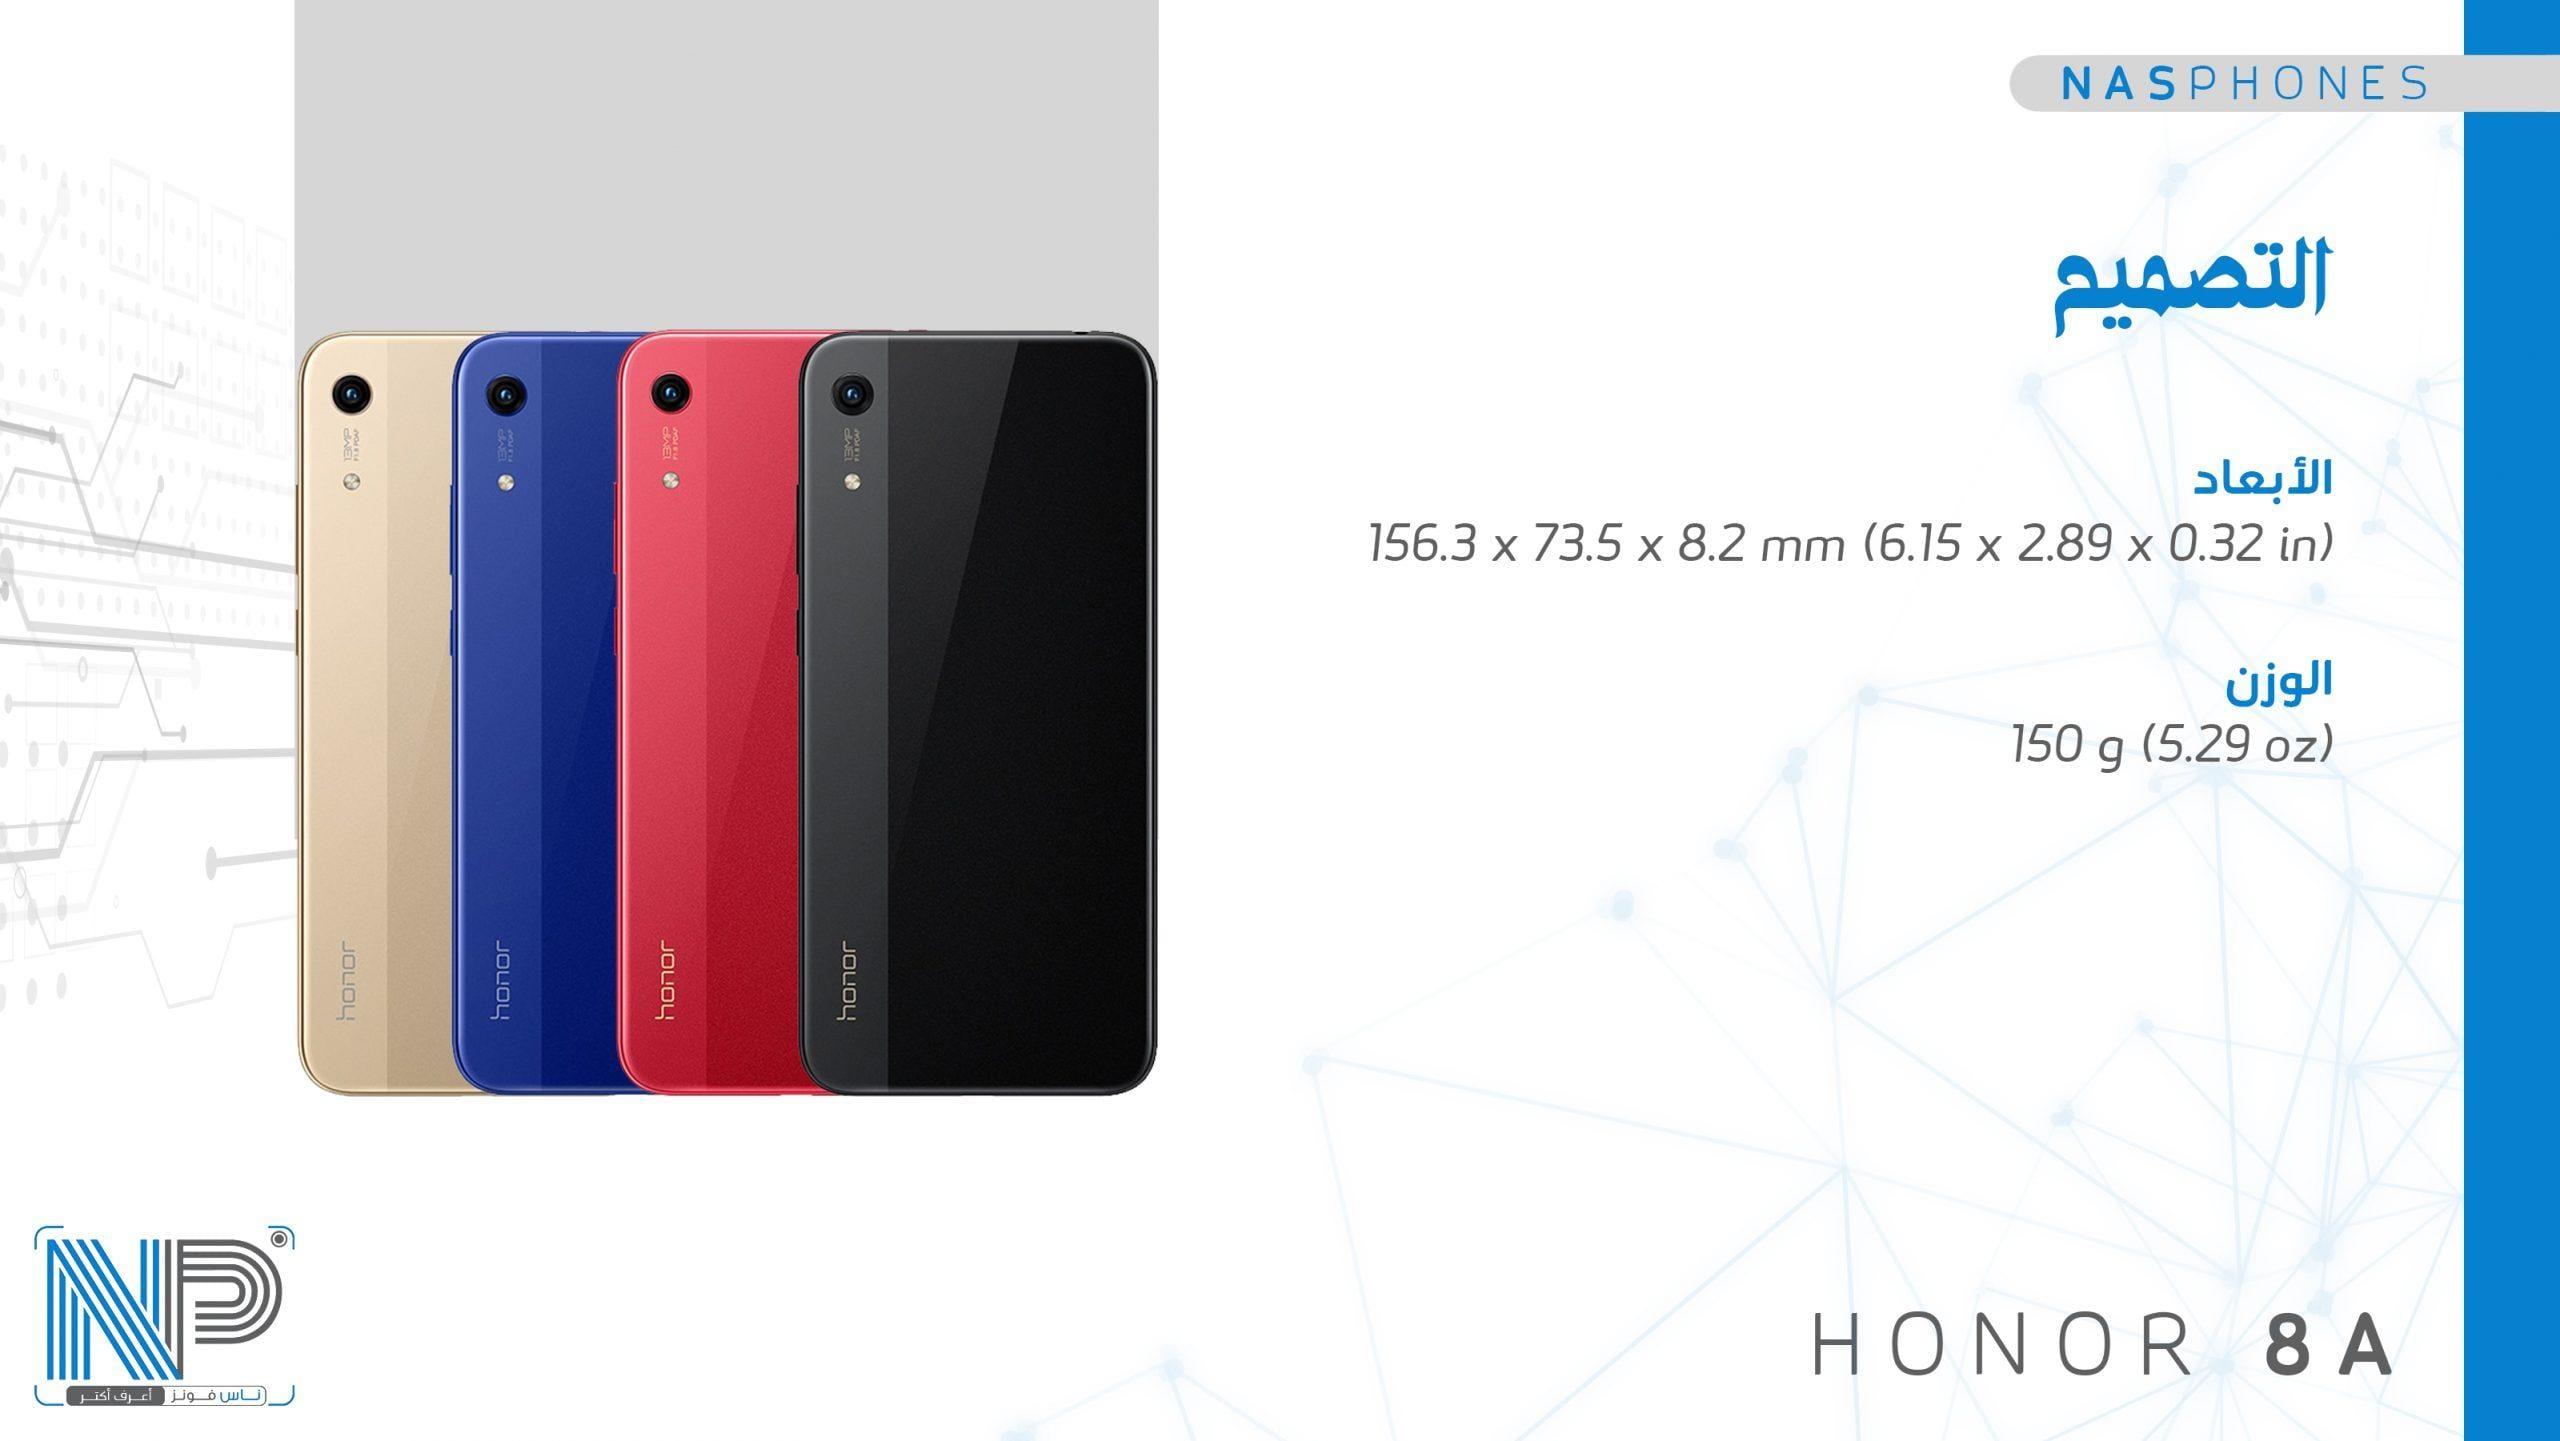 تصميم موبايل Honor 8A